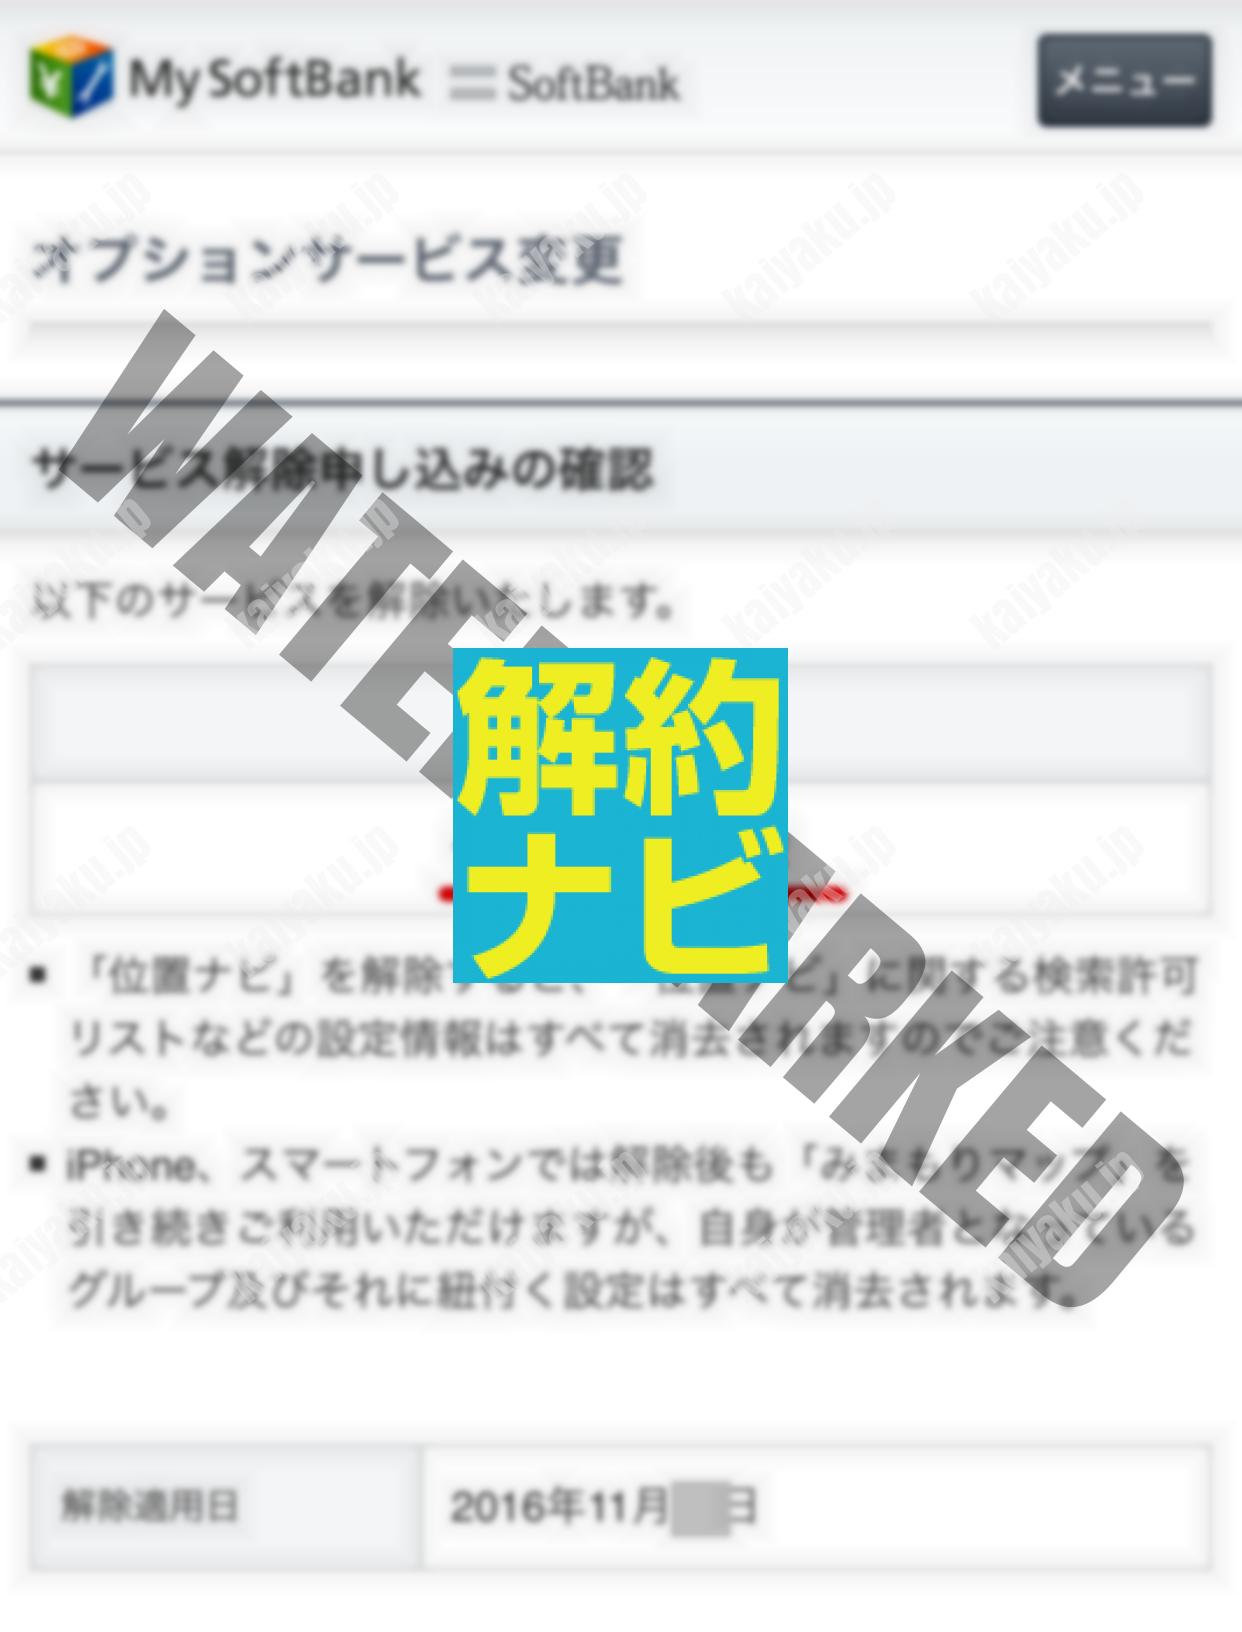 手順08:申込内容を確認してスクロール